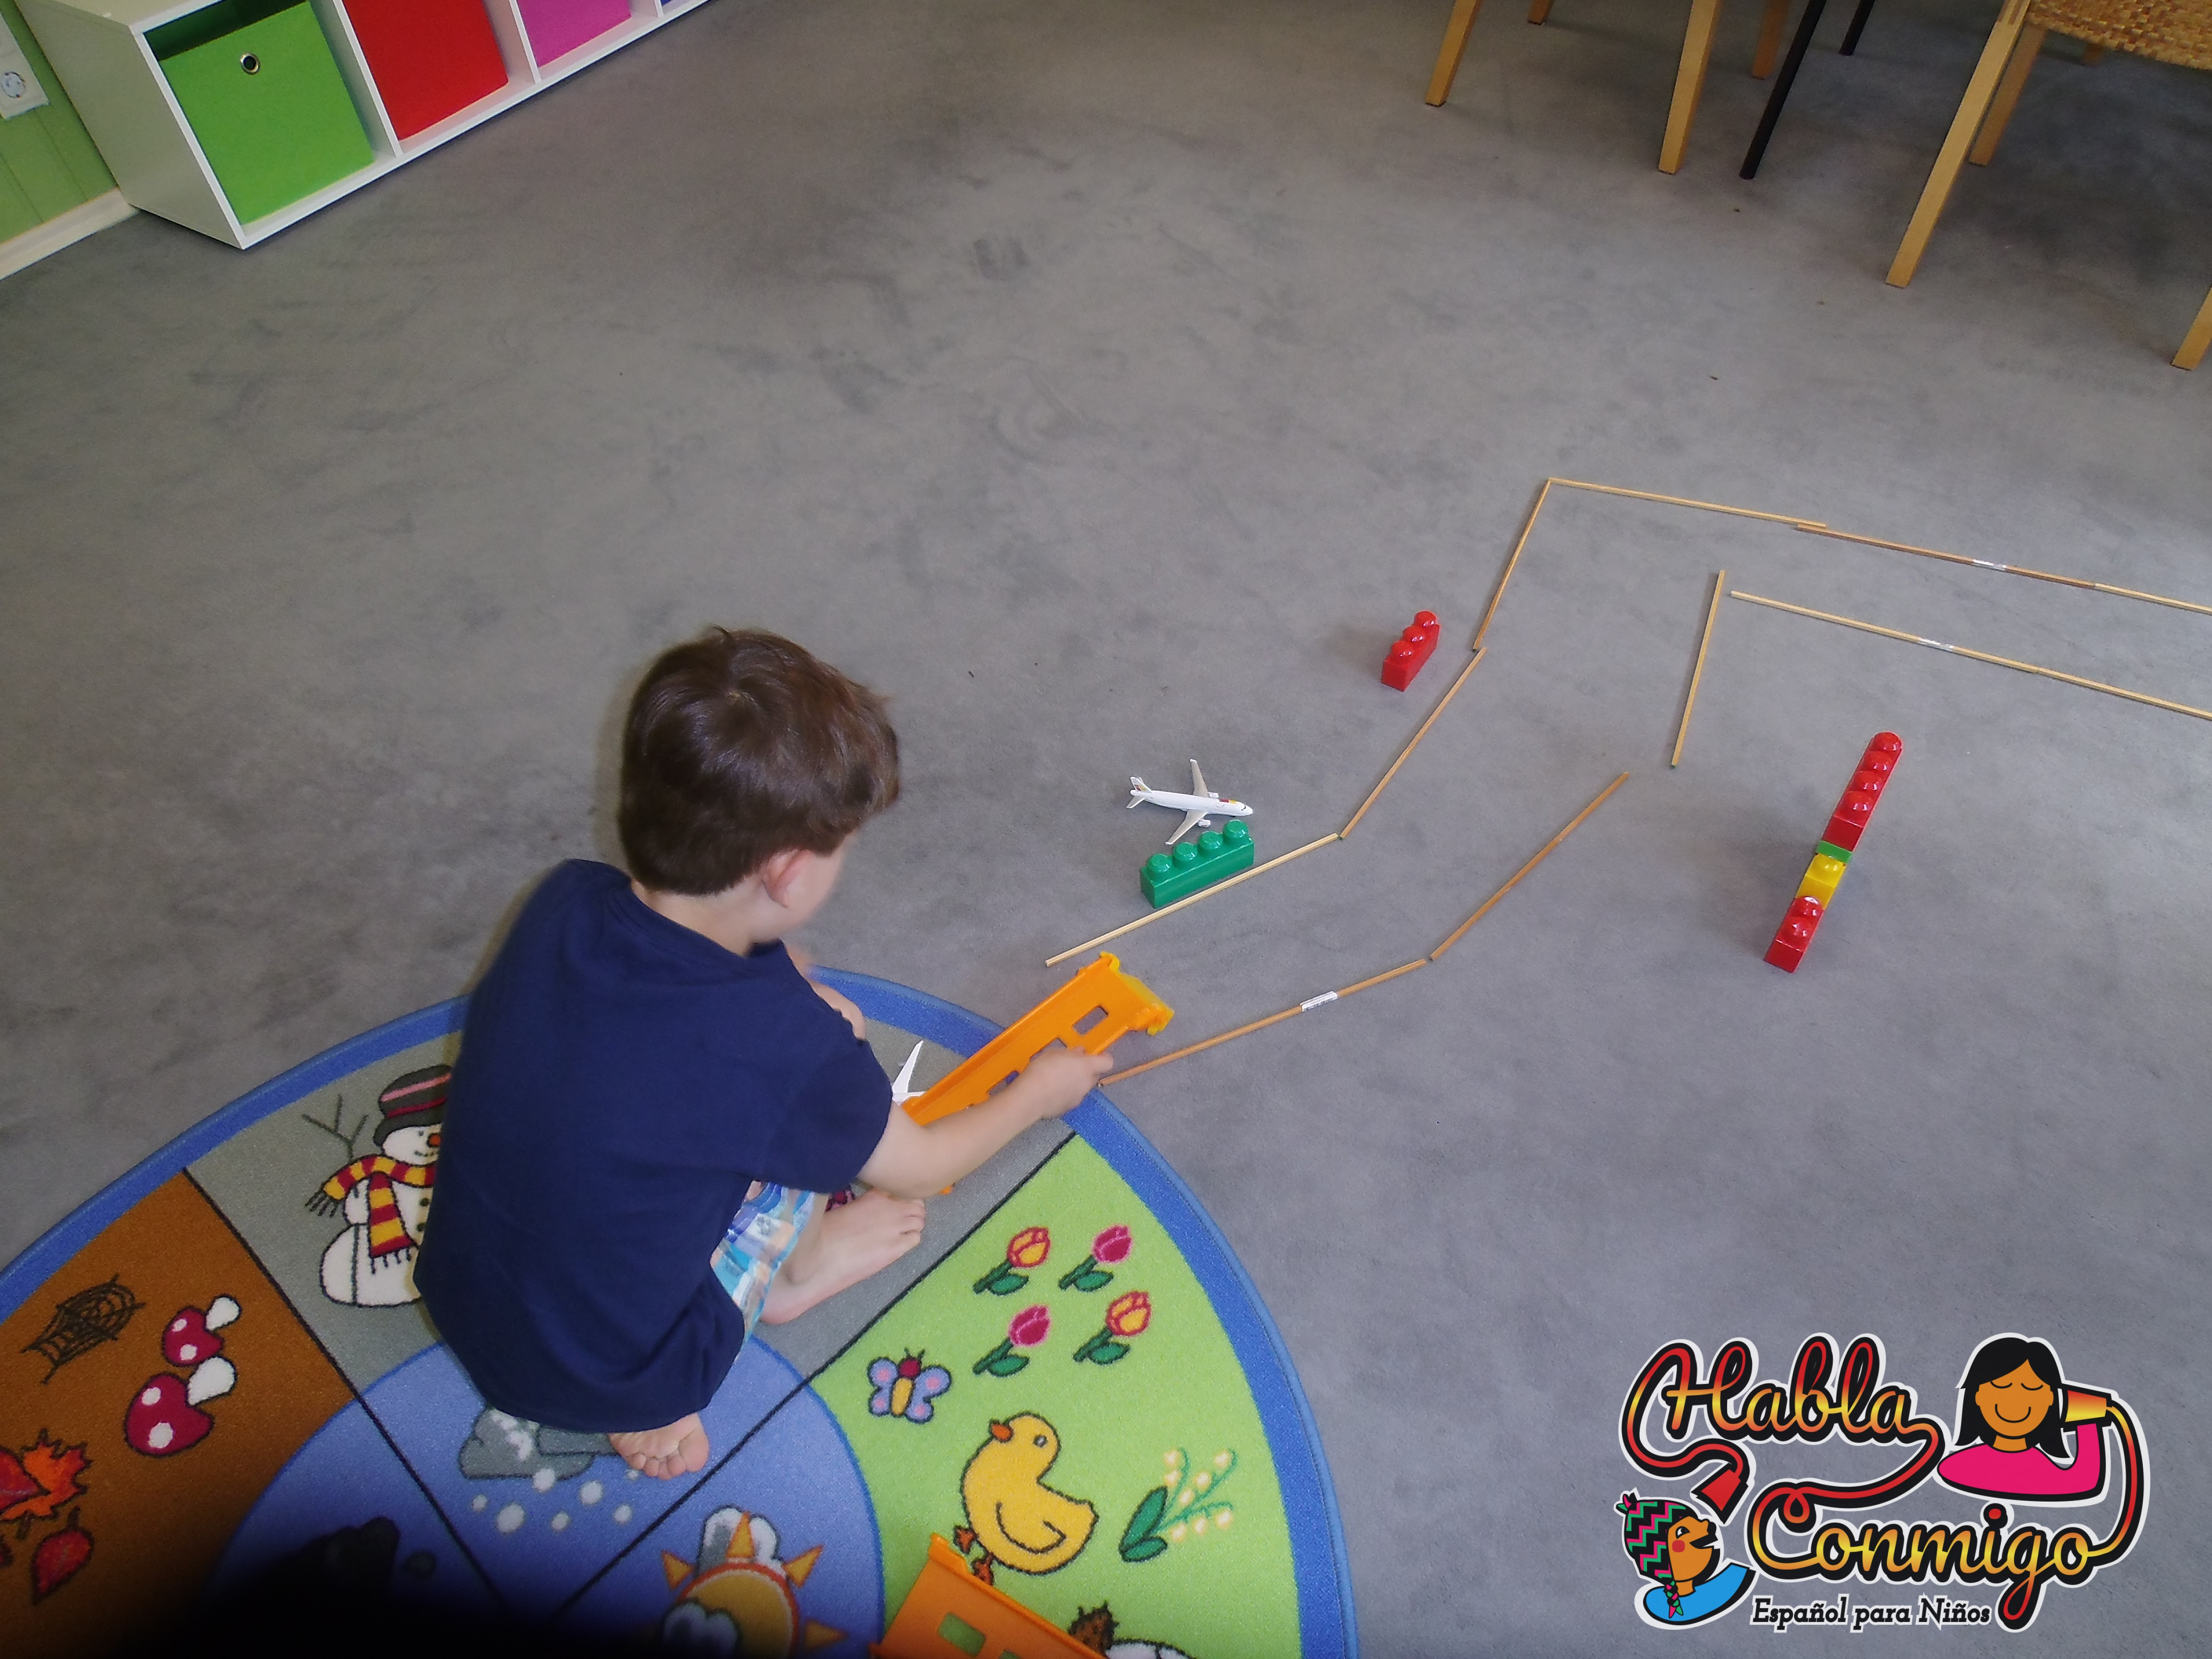 Sala para los talleres culturales para niños en Erlangen